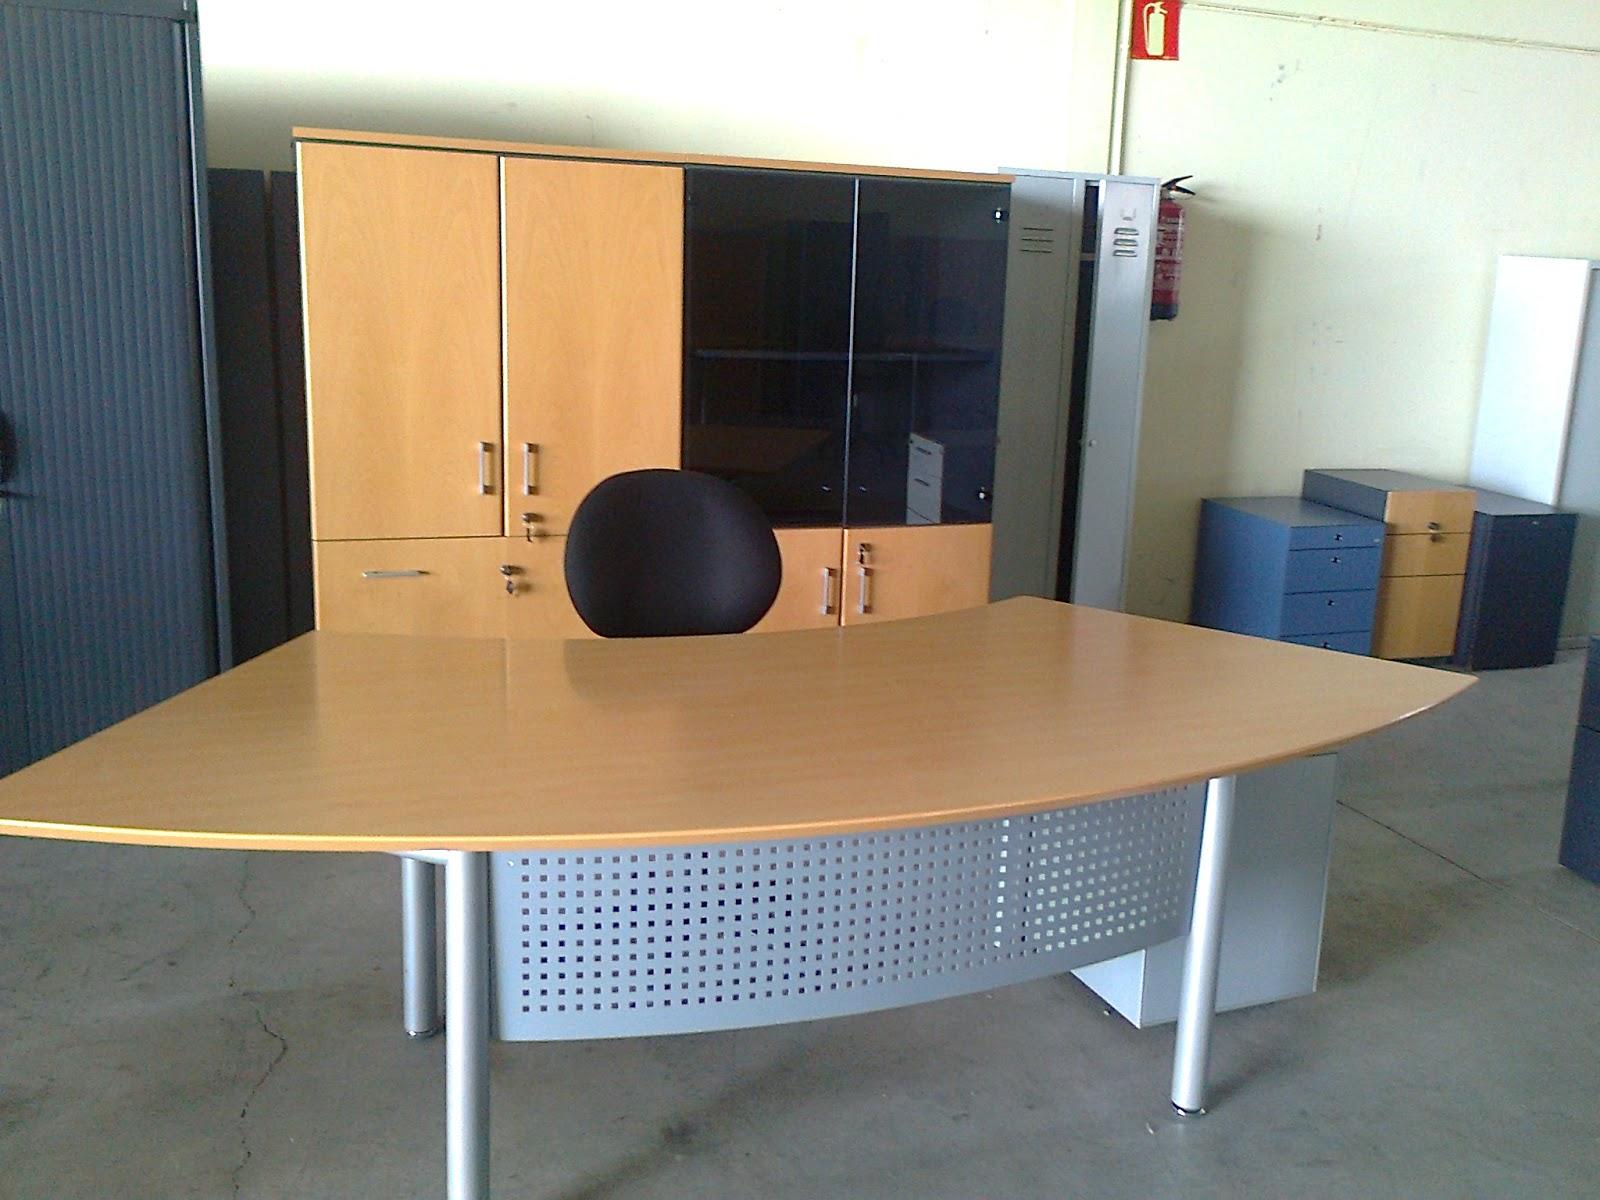 Estanter as met licas y muebles de oficina mobiliario de for Muebles oficina ocasion